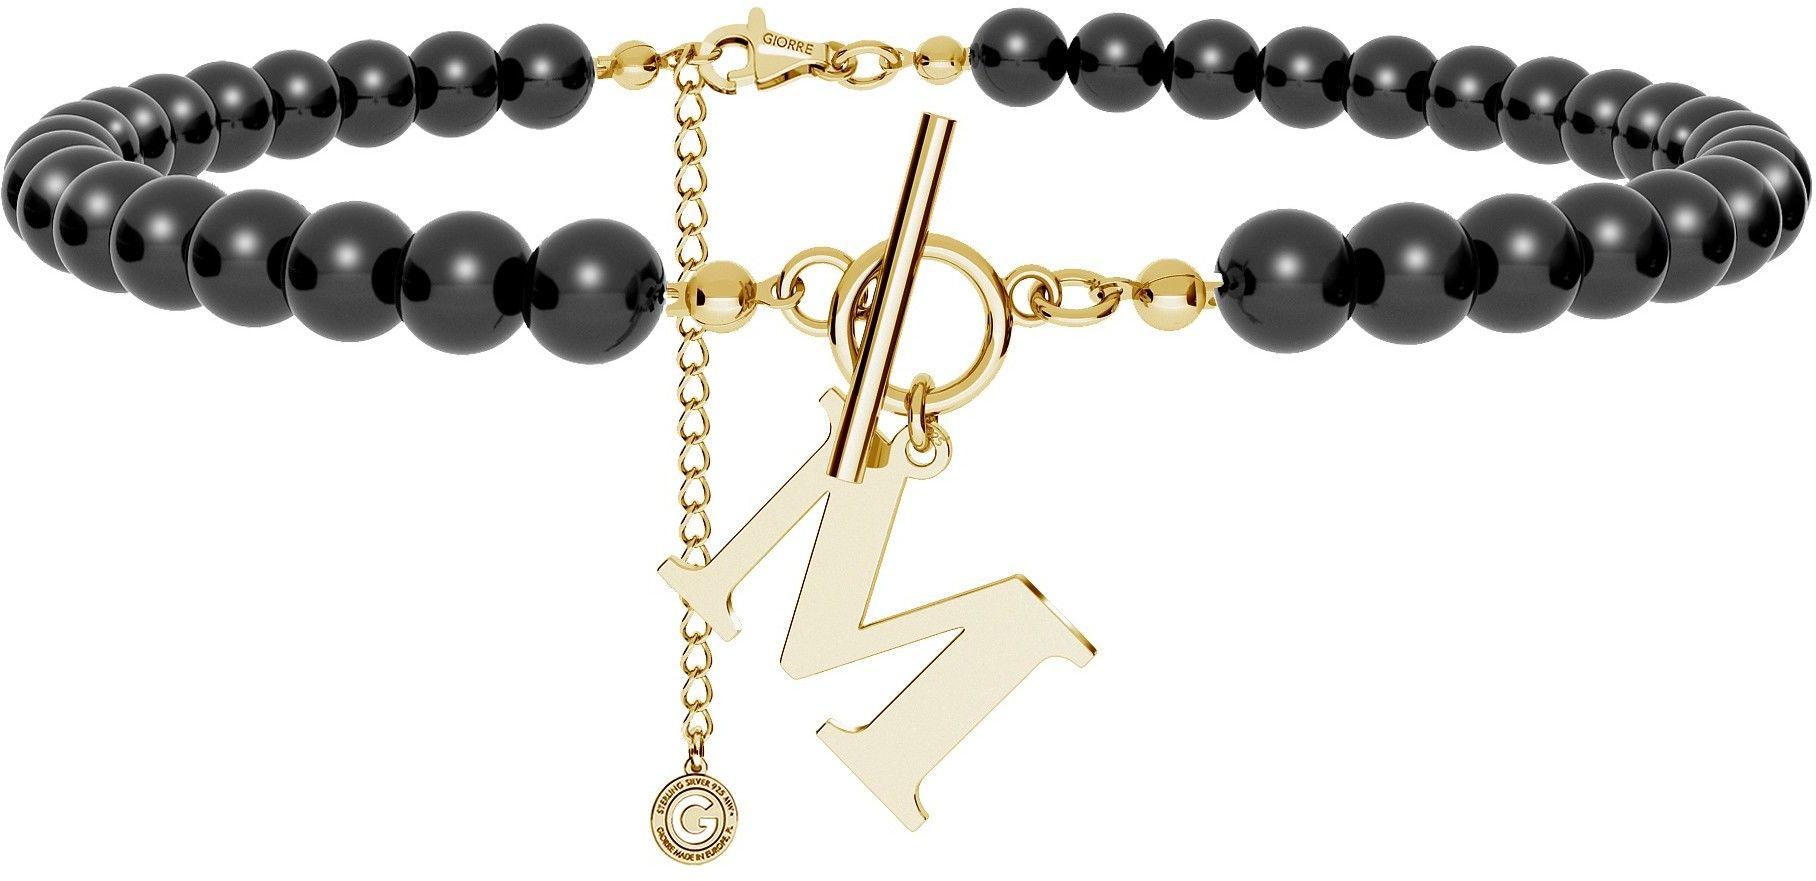 Czarny perłowy choker z dowolną literą, Swarovski, srebro 925 : Litera - I, Srebro - kolor pokrycia - Pokrycie platyną